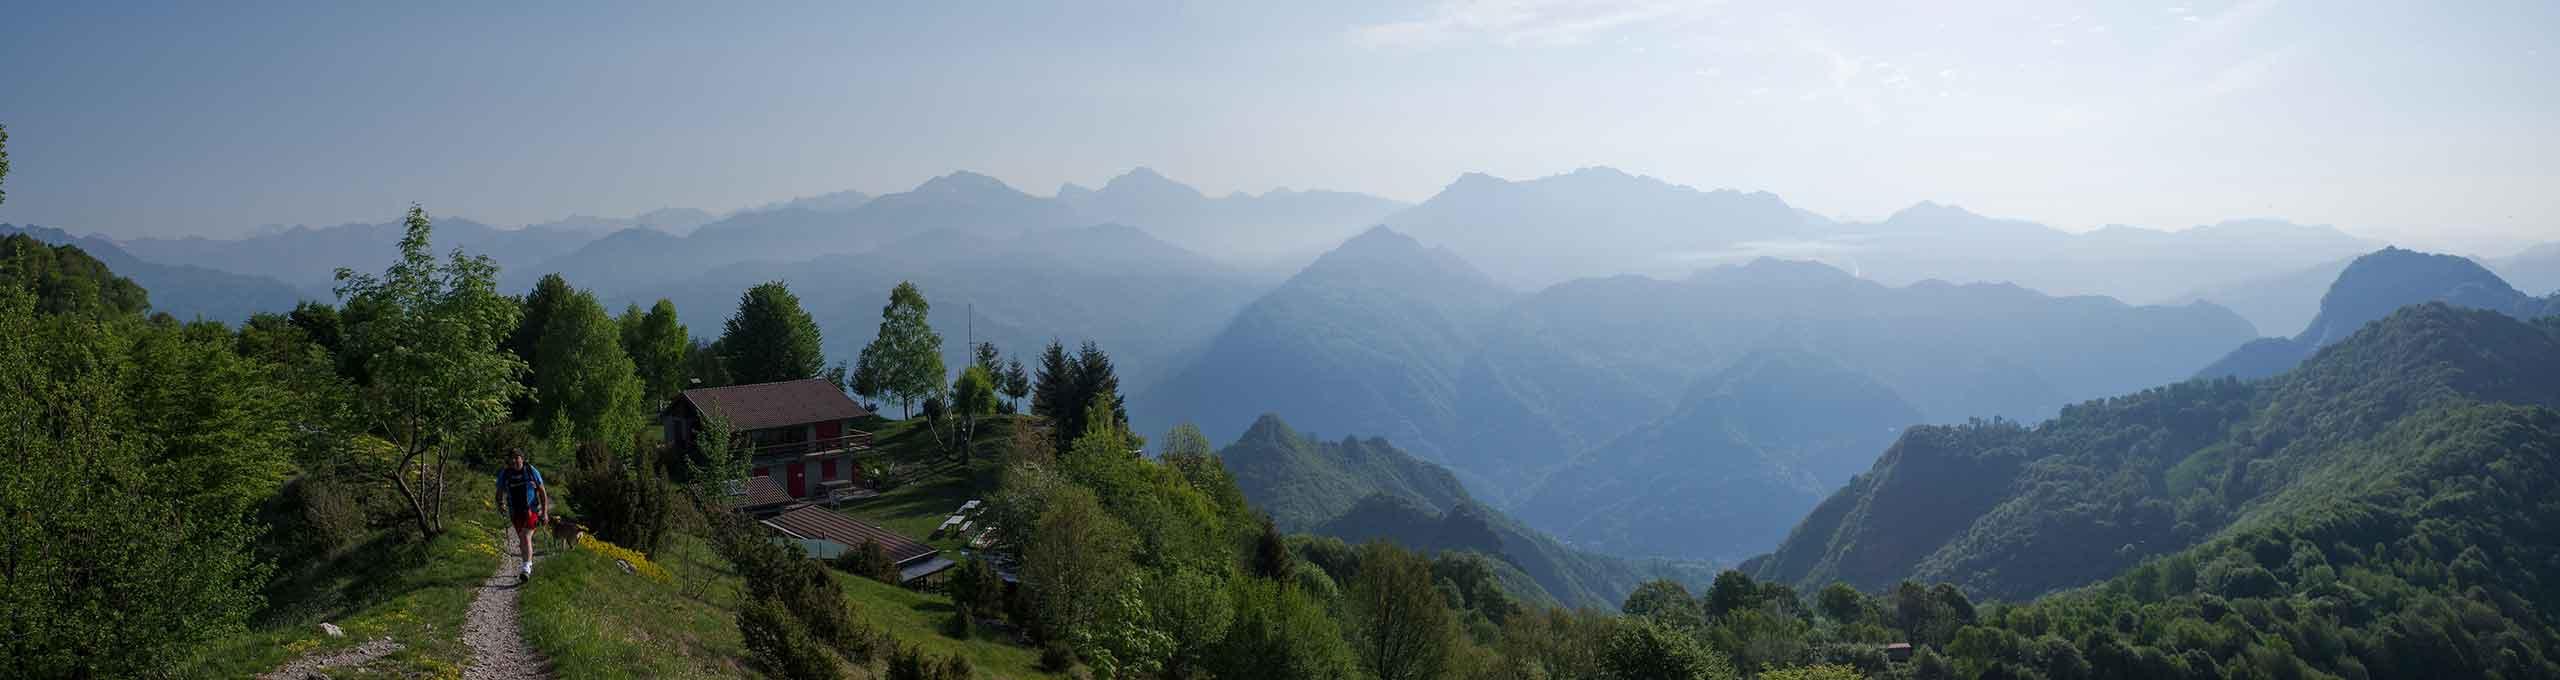 Brembilla, Val Brembana, borgo di Catremerio